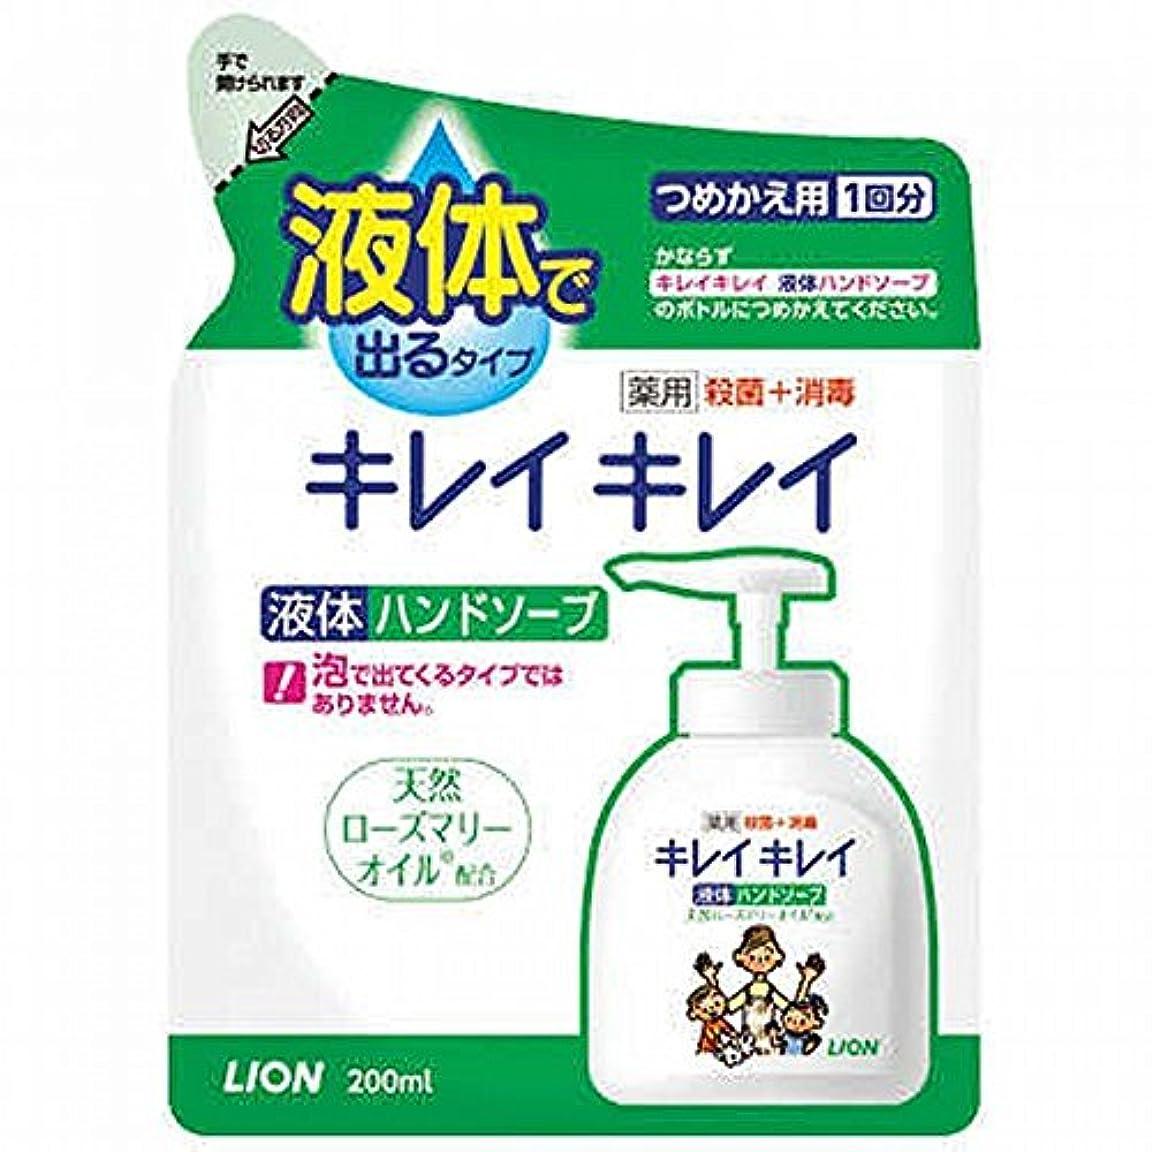 開始非公式バナナキレイキレイ 薬用液体ハンドソープ  詰替用 200ml ×10個セット